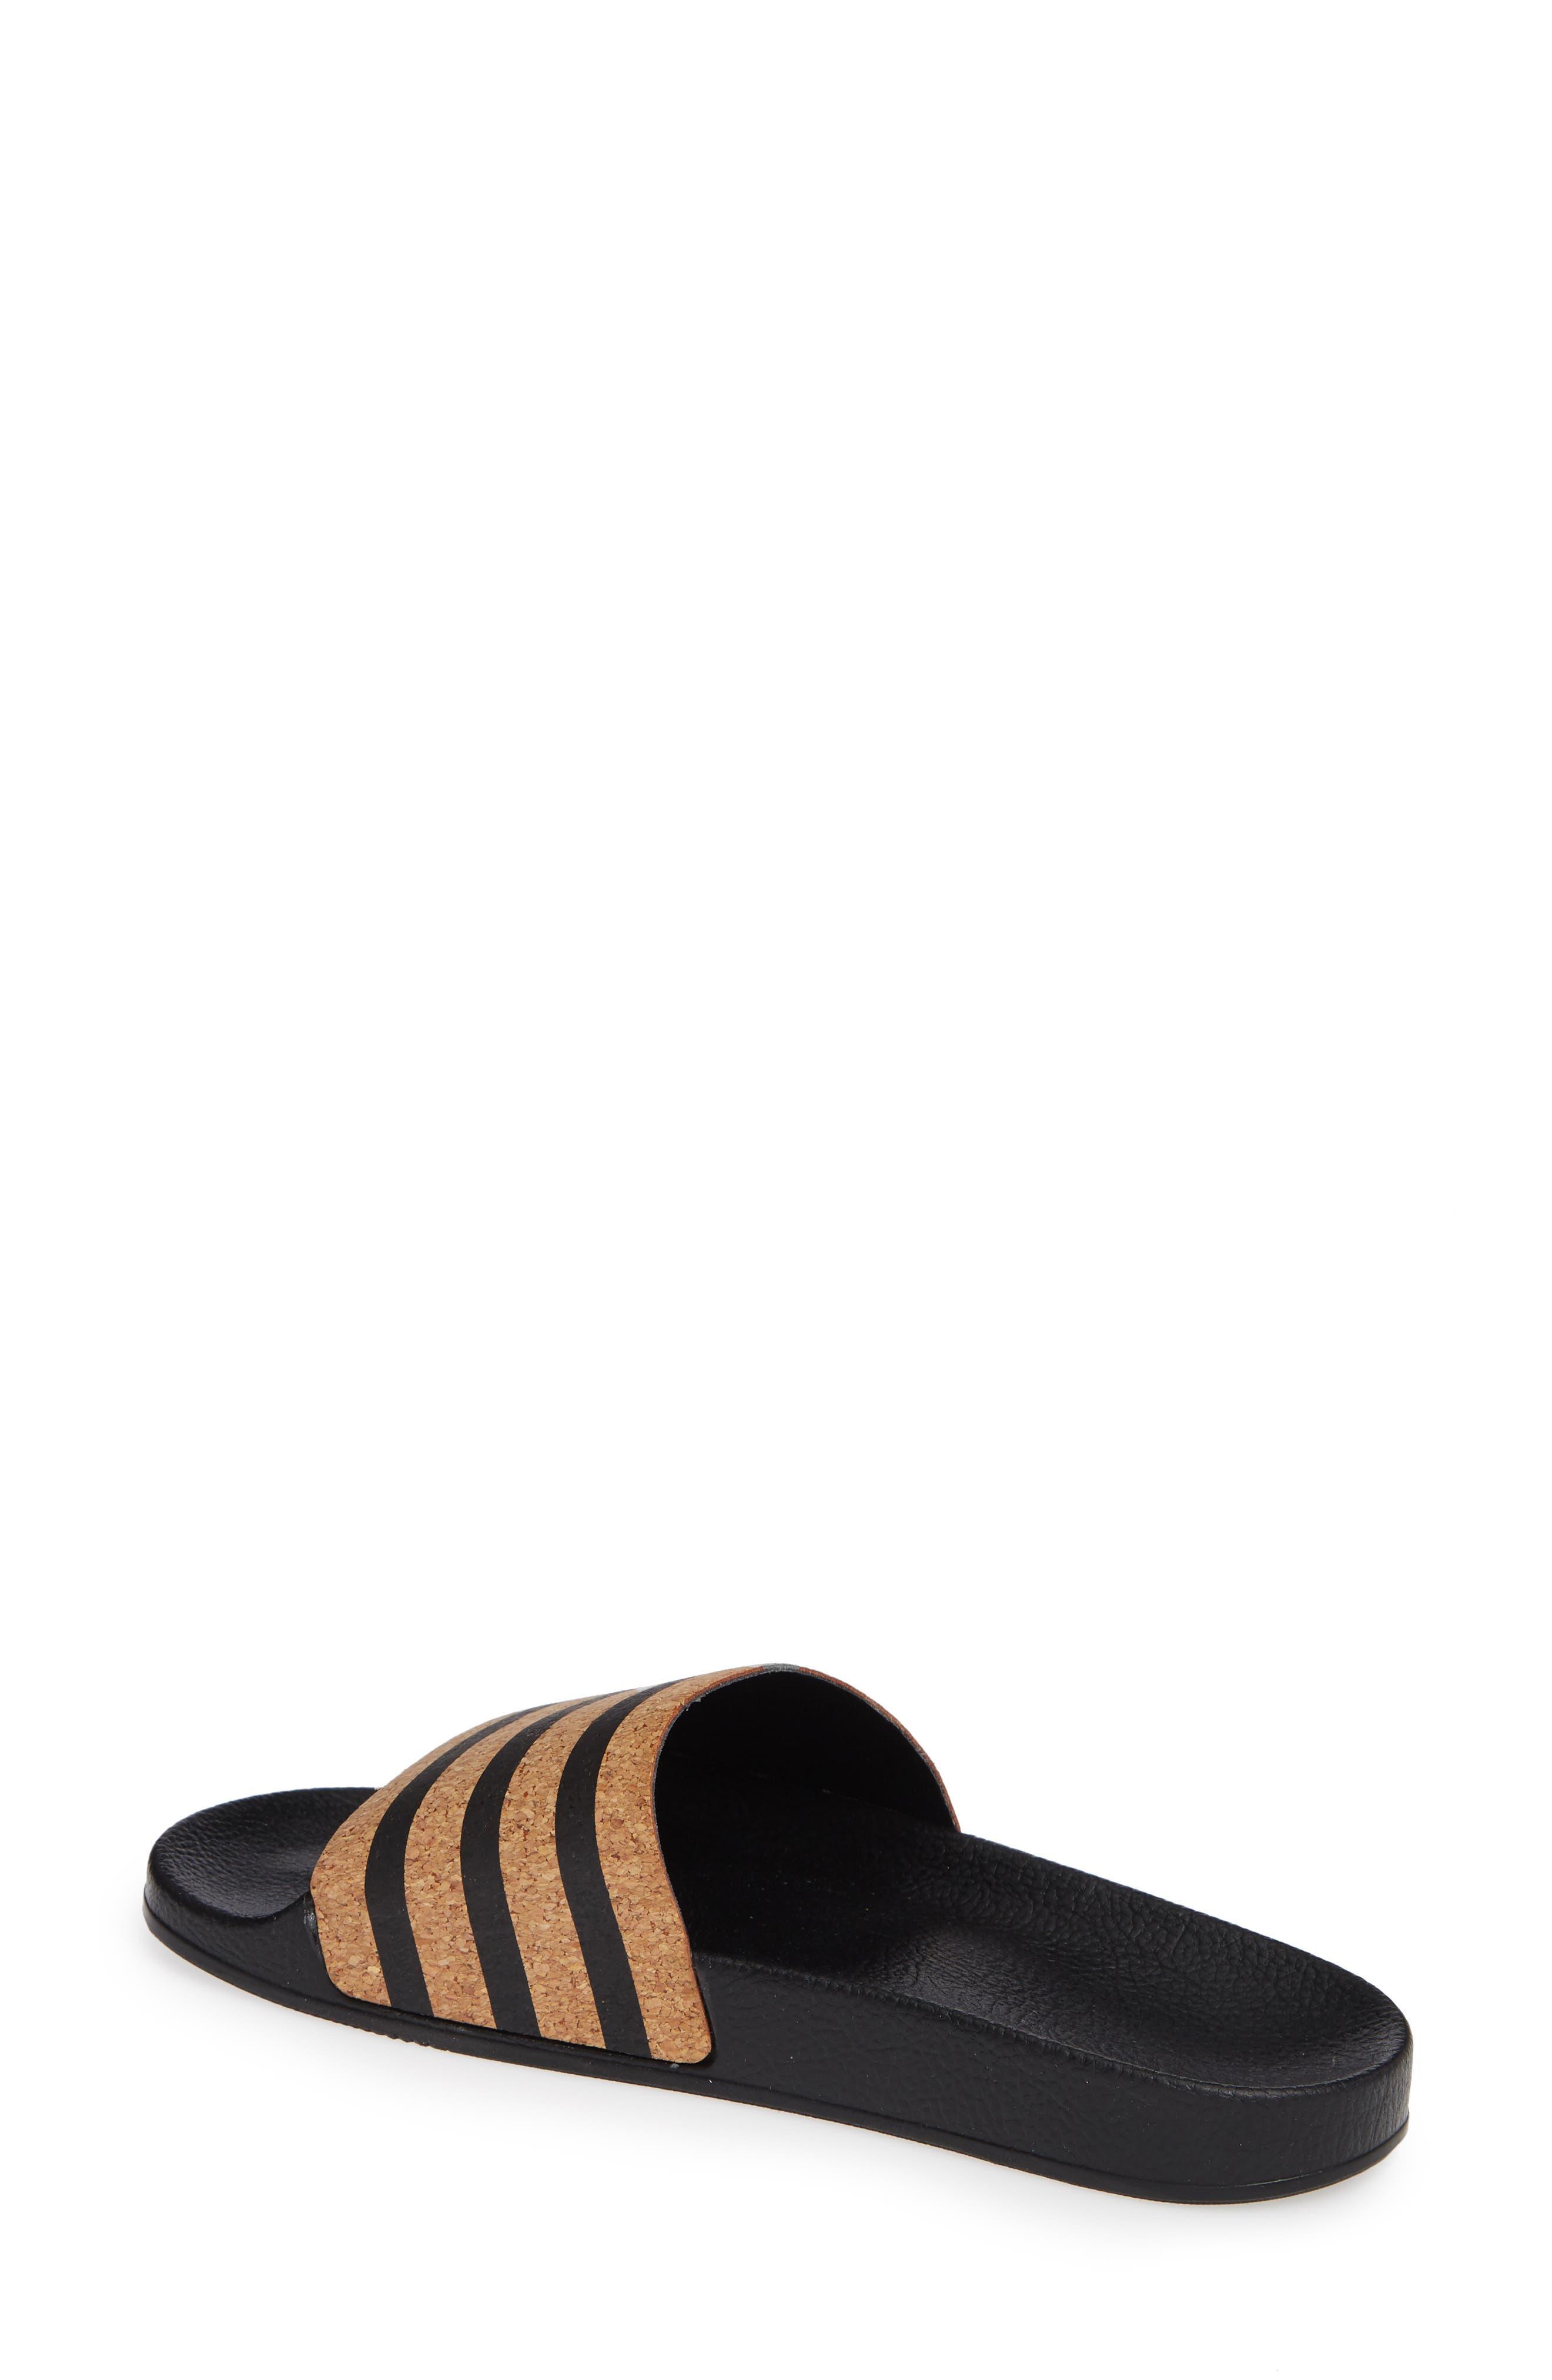 'Adilette' Slide Sandal,                             Alternate thumbnail 2, color,                             Core Black/ Core Black